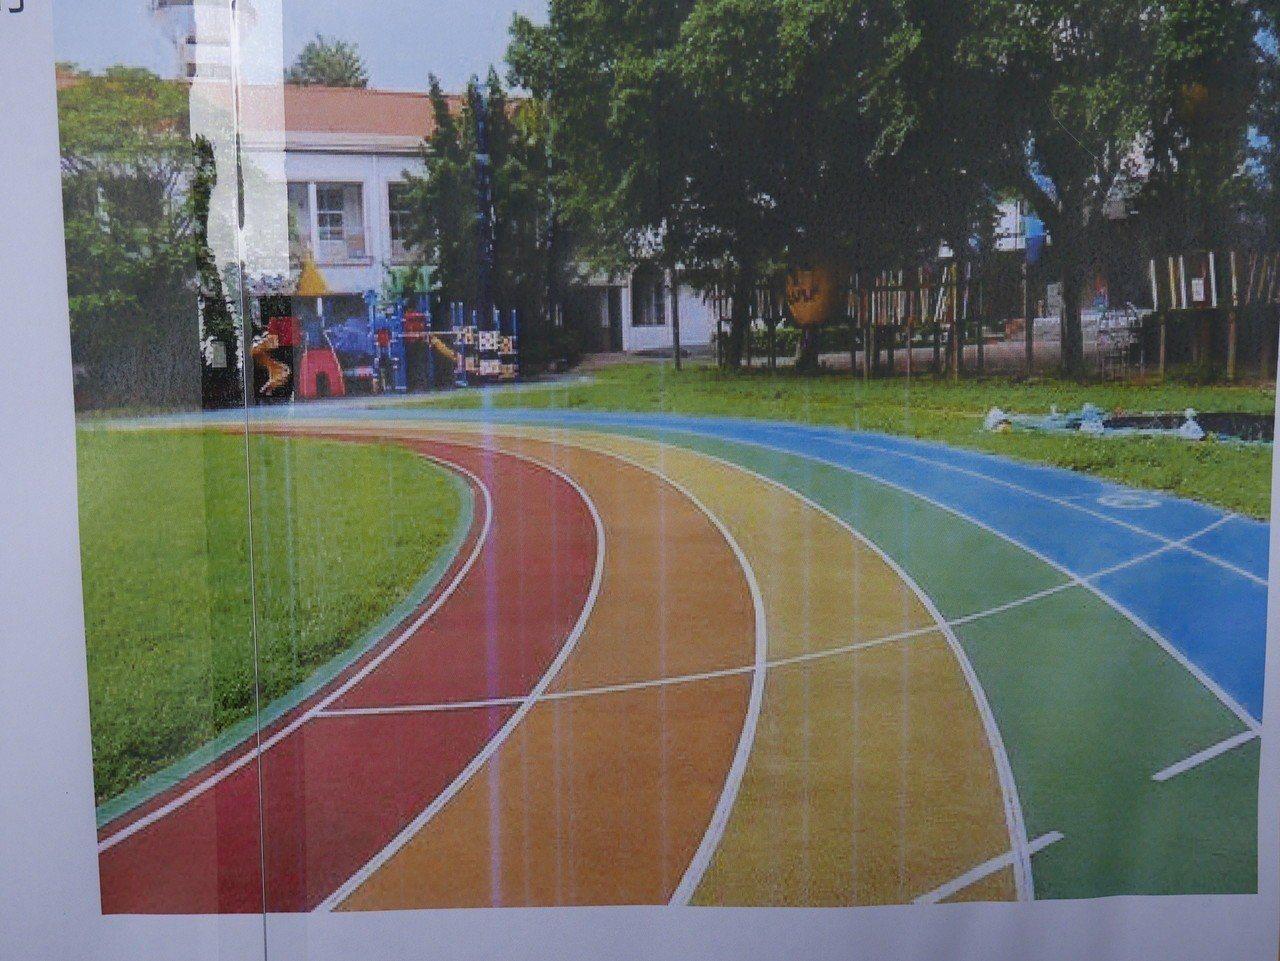 基隆市成功國小周邊的通學步道改善完畢,接下來將把校園操場跑道換五彩繽紛顏色。記者...